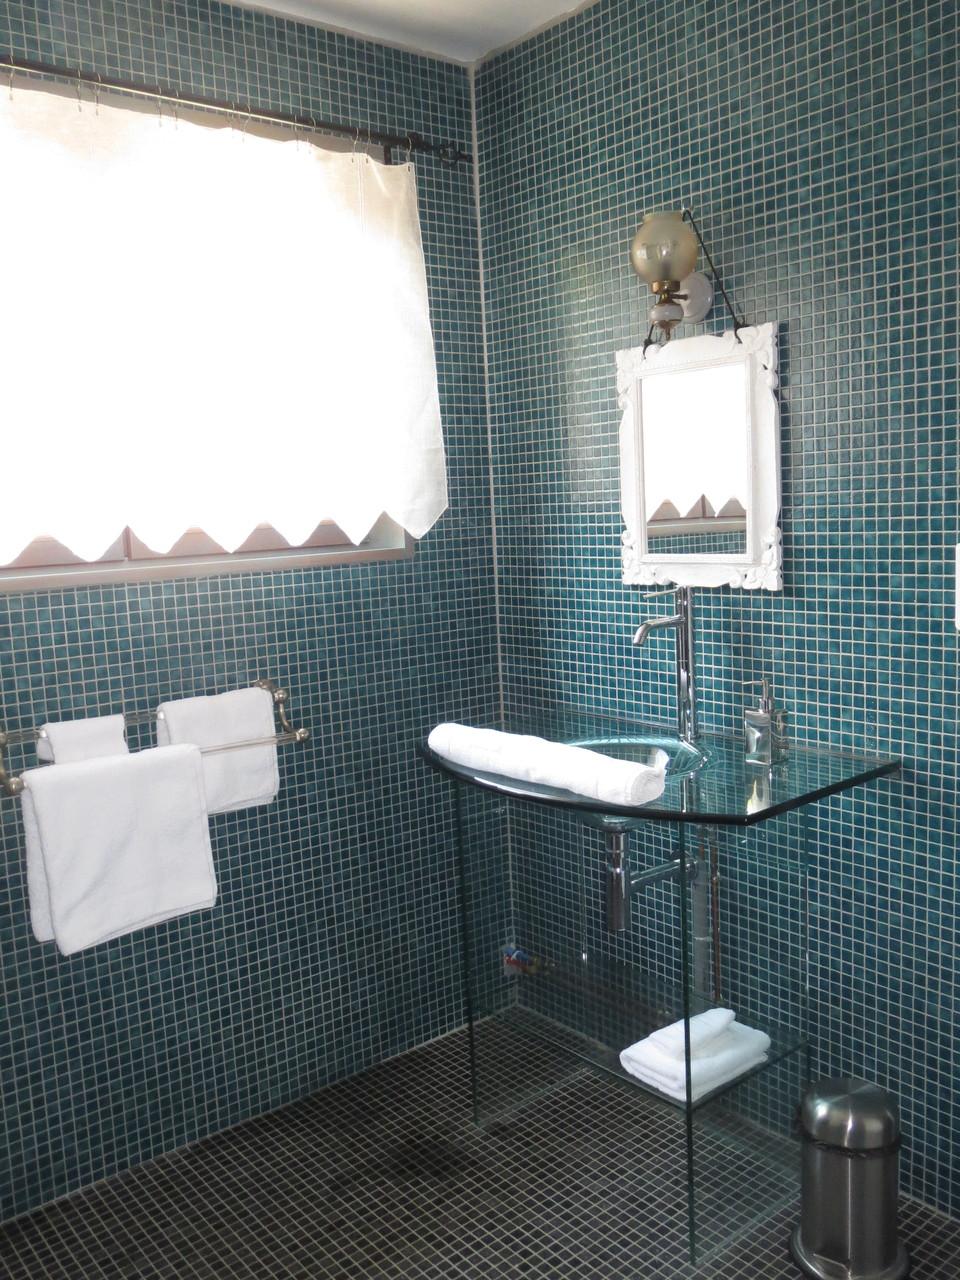 Salle de bains Garde-j'neuil